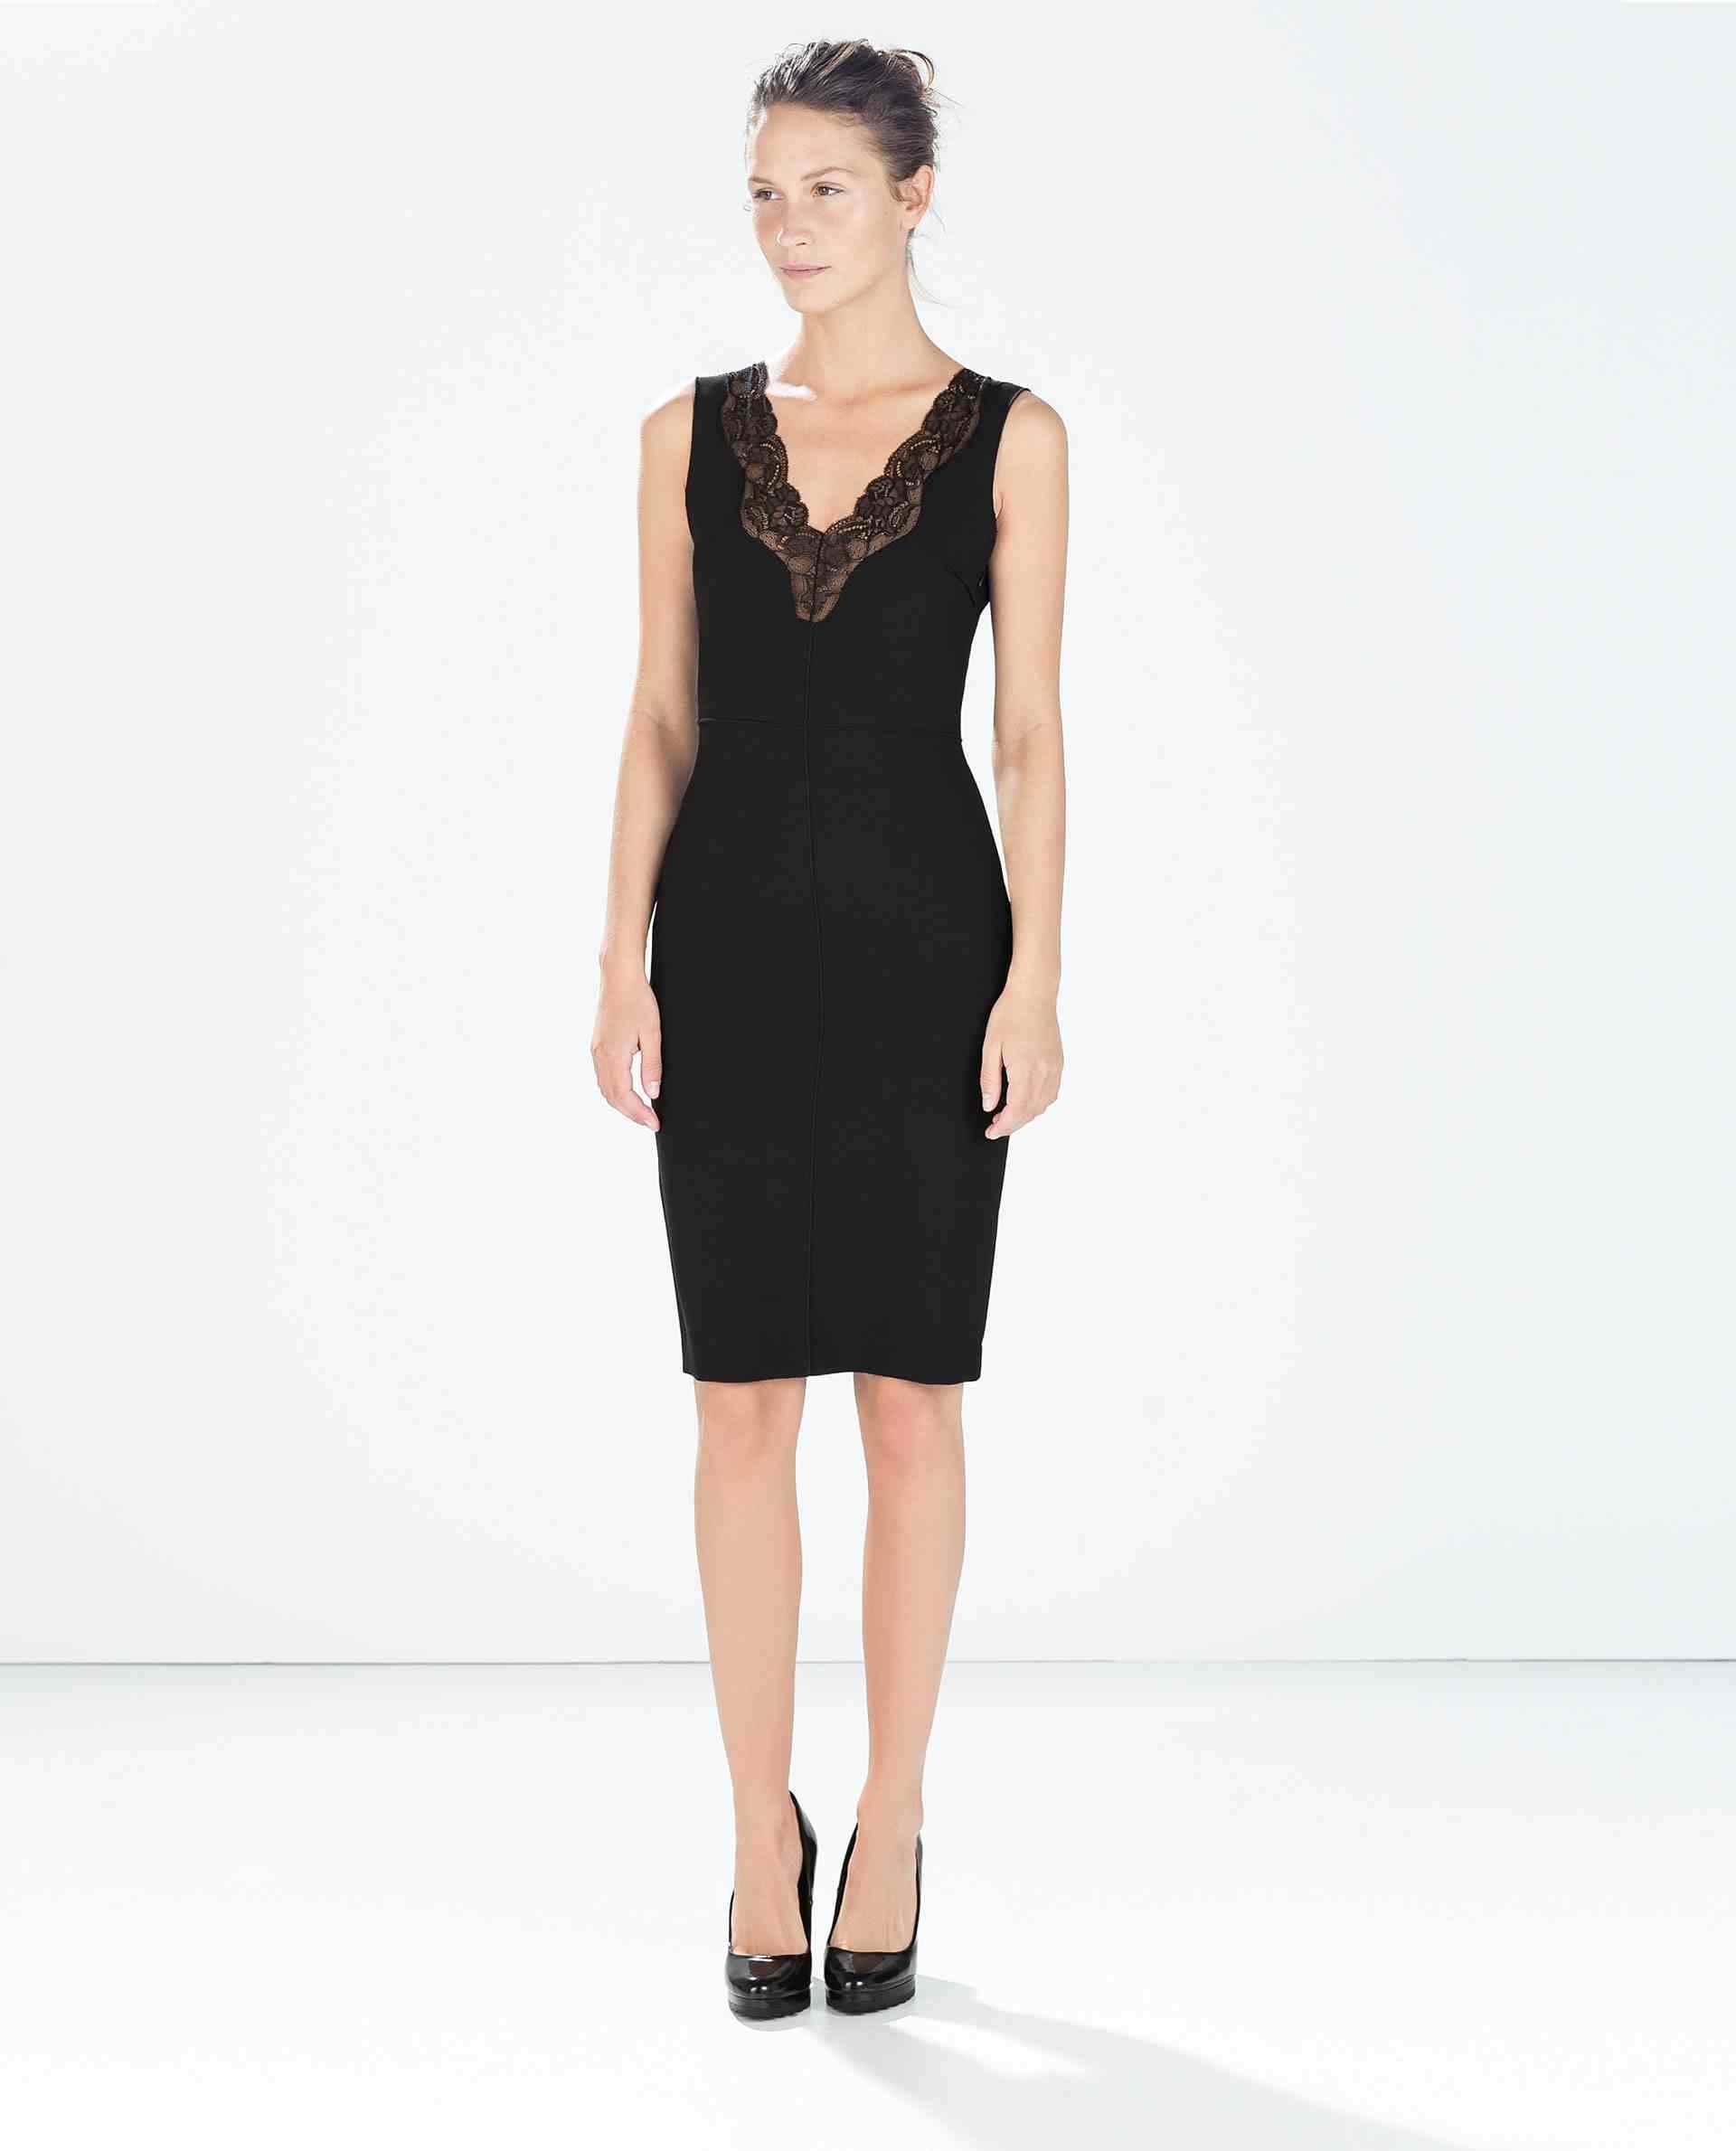 Zara - Robe(60 €)